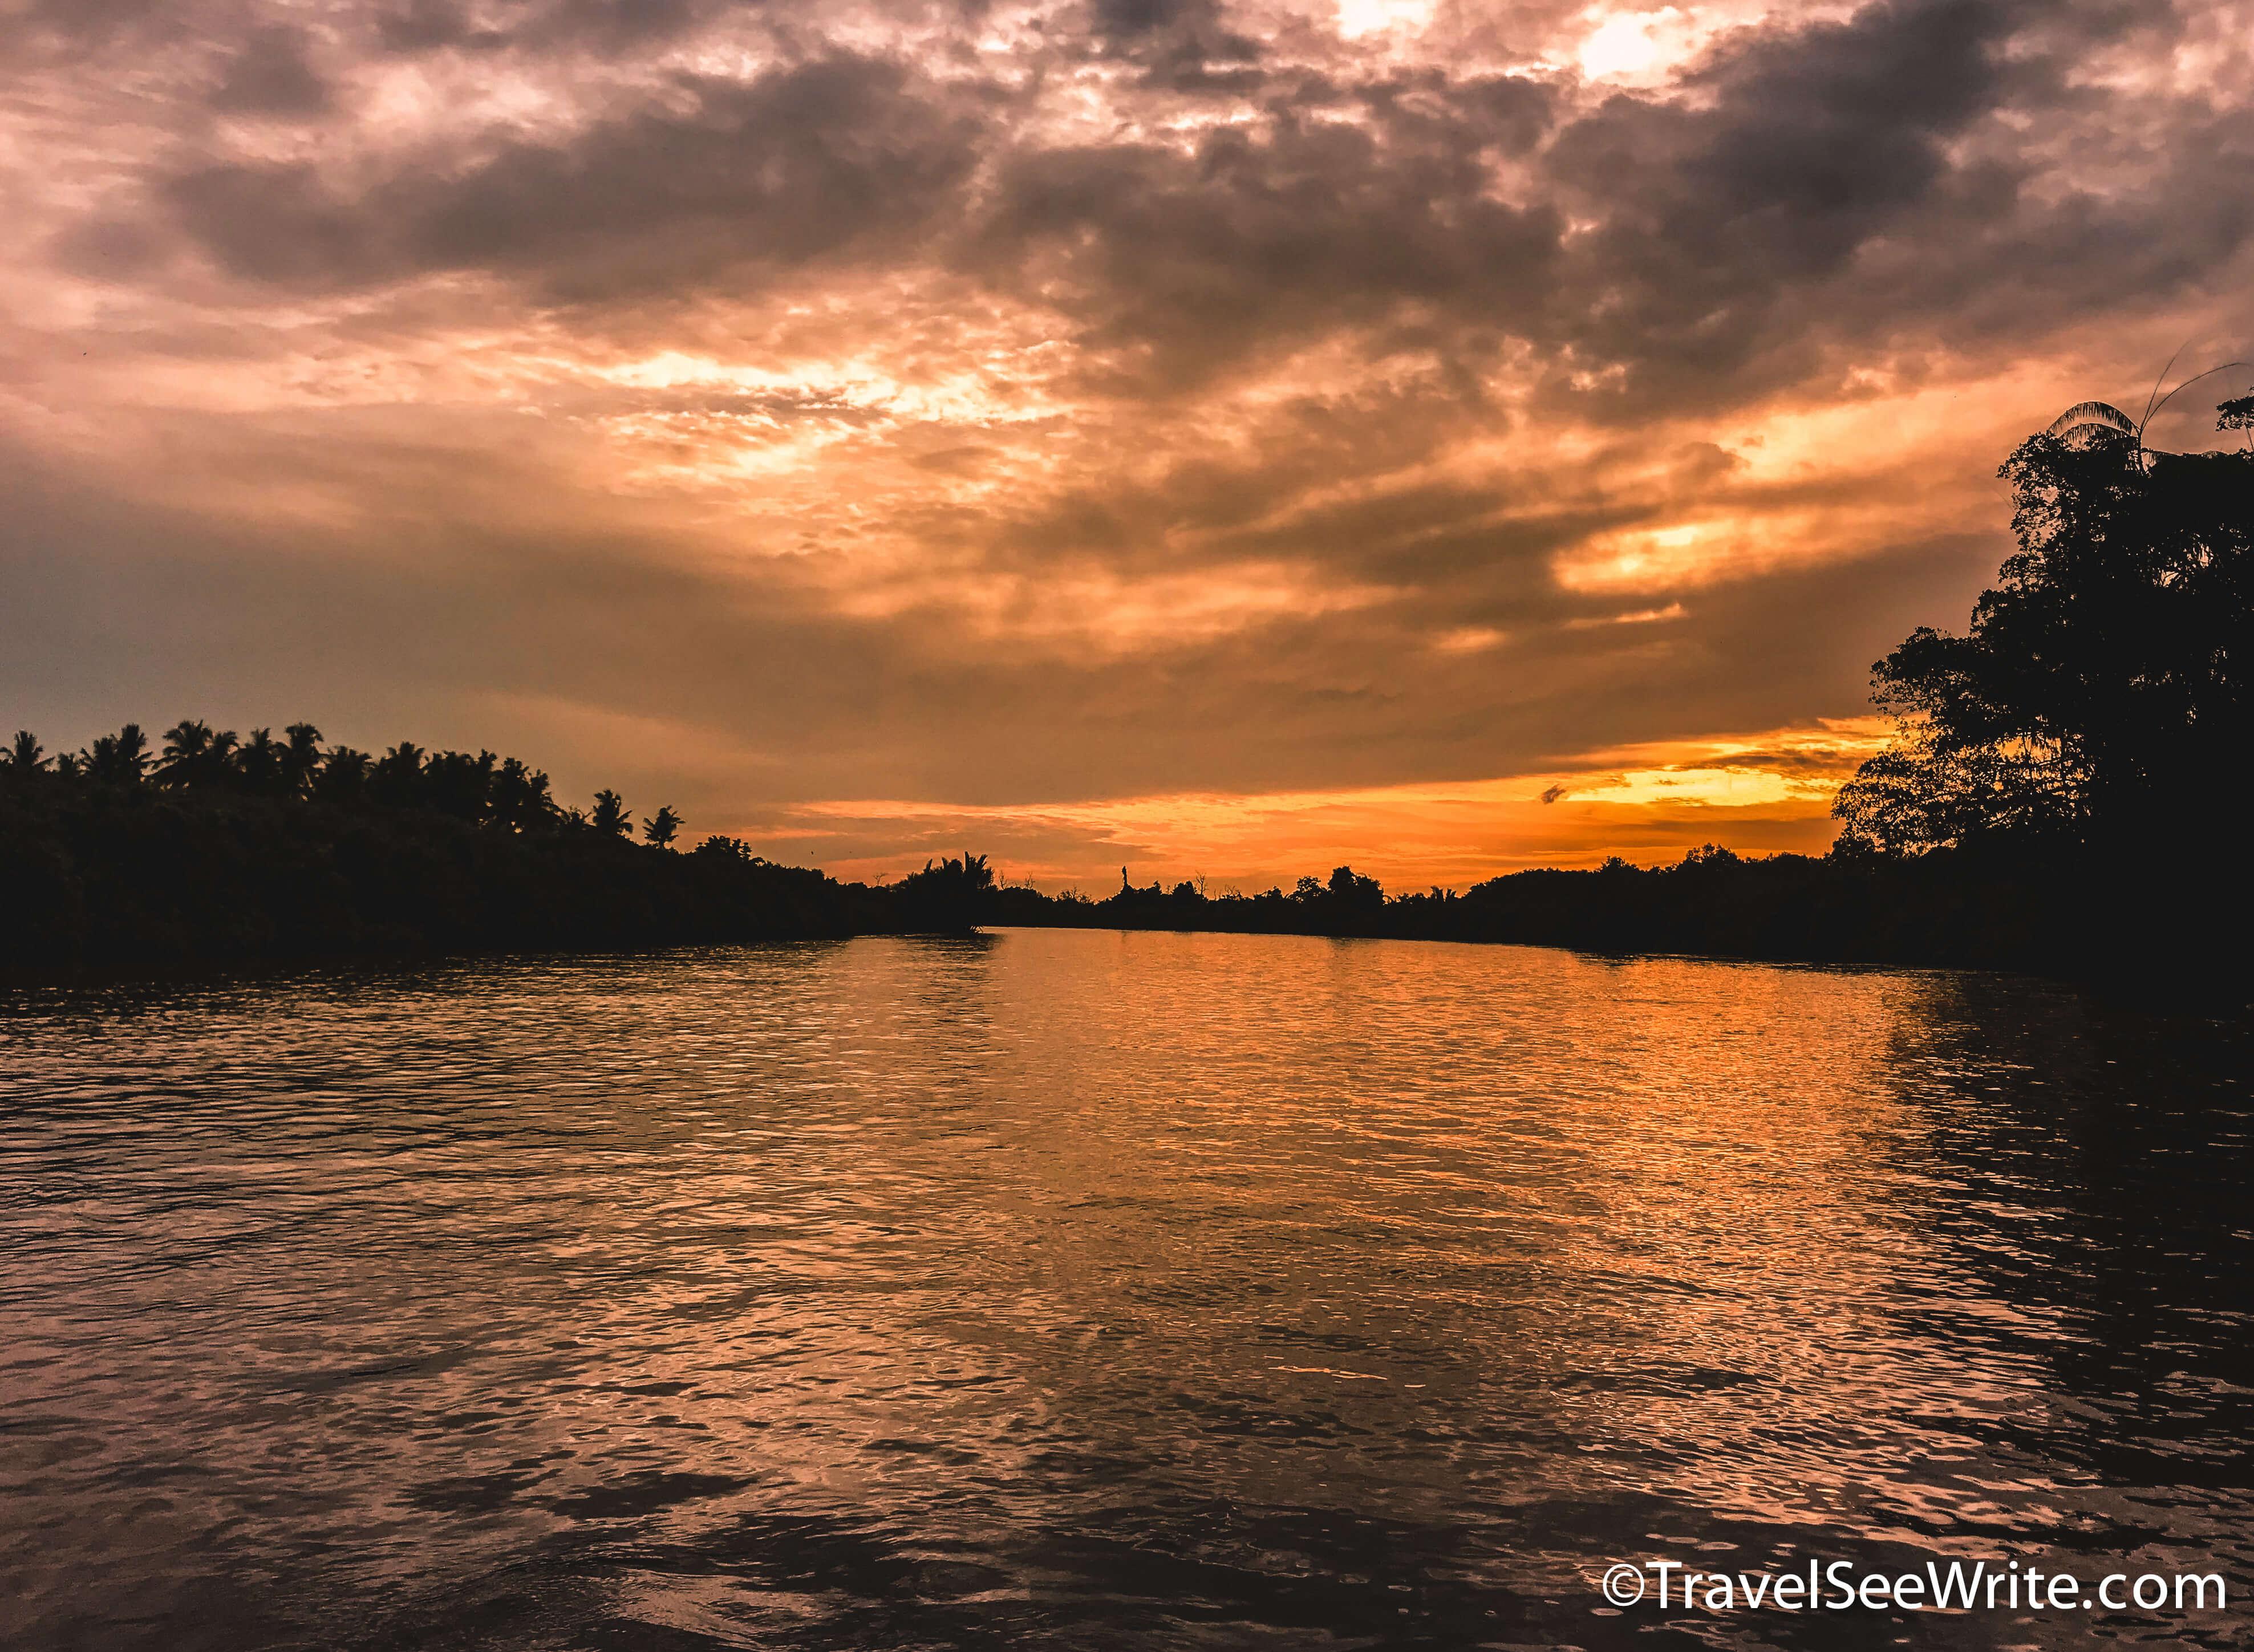 Sunset viewed from the Kawa Kawa River cruise - southeast asia travel